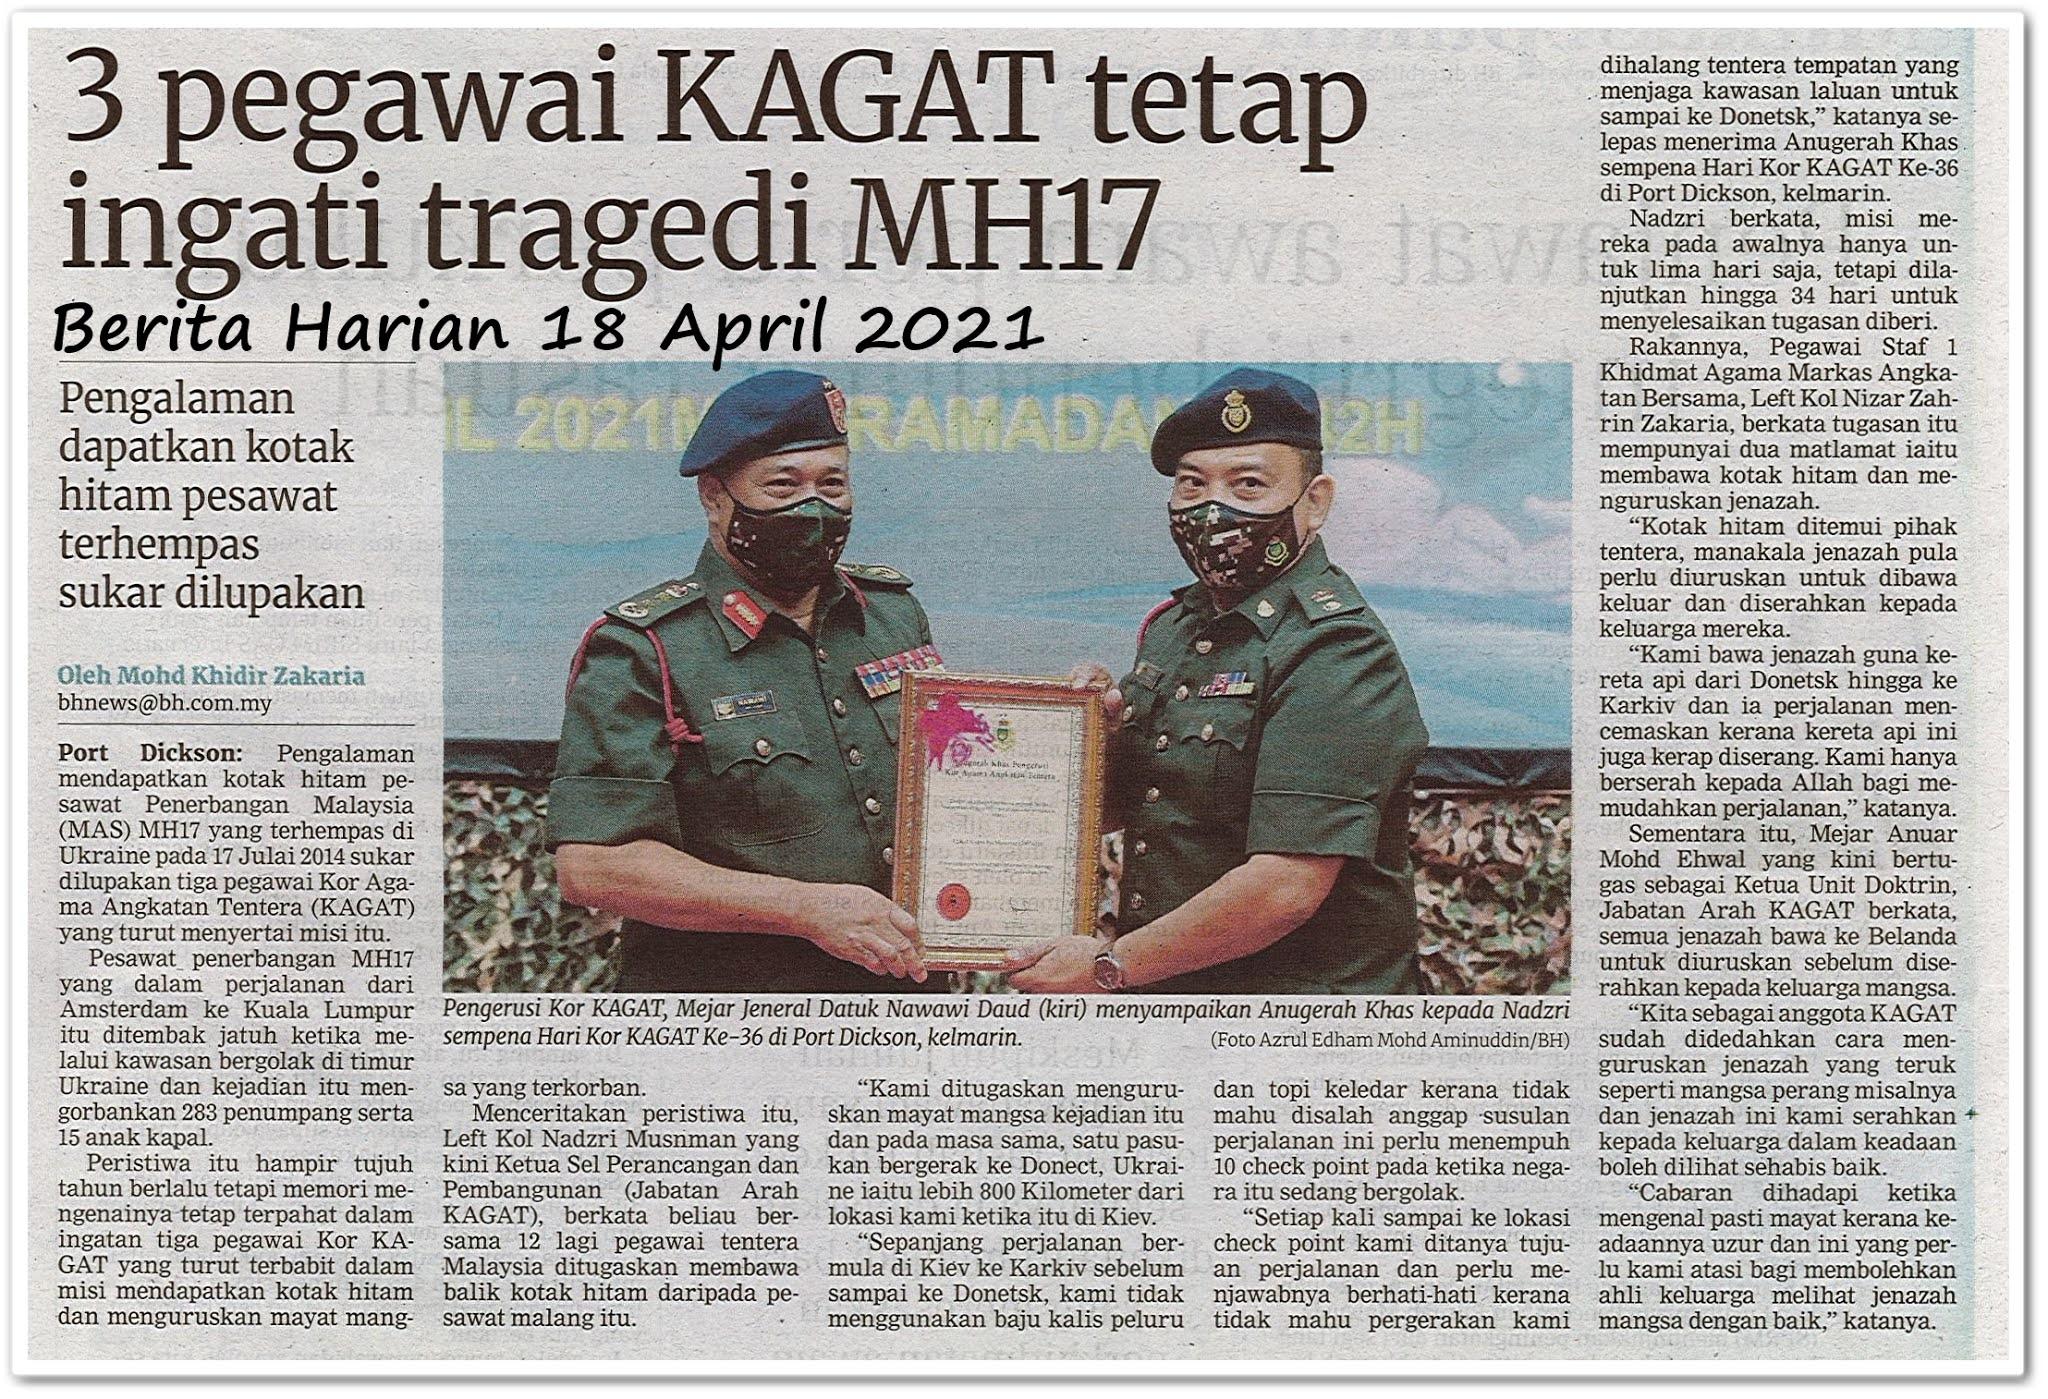 3 pegawai KAGAT tetap ingati tragedi MH17 - Keratan akhbar Berita Harian 18 April 2021